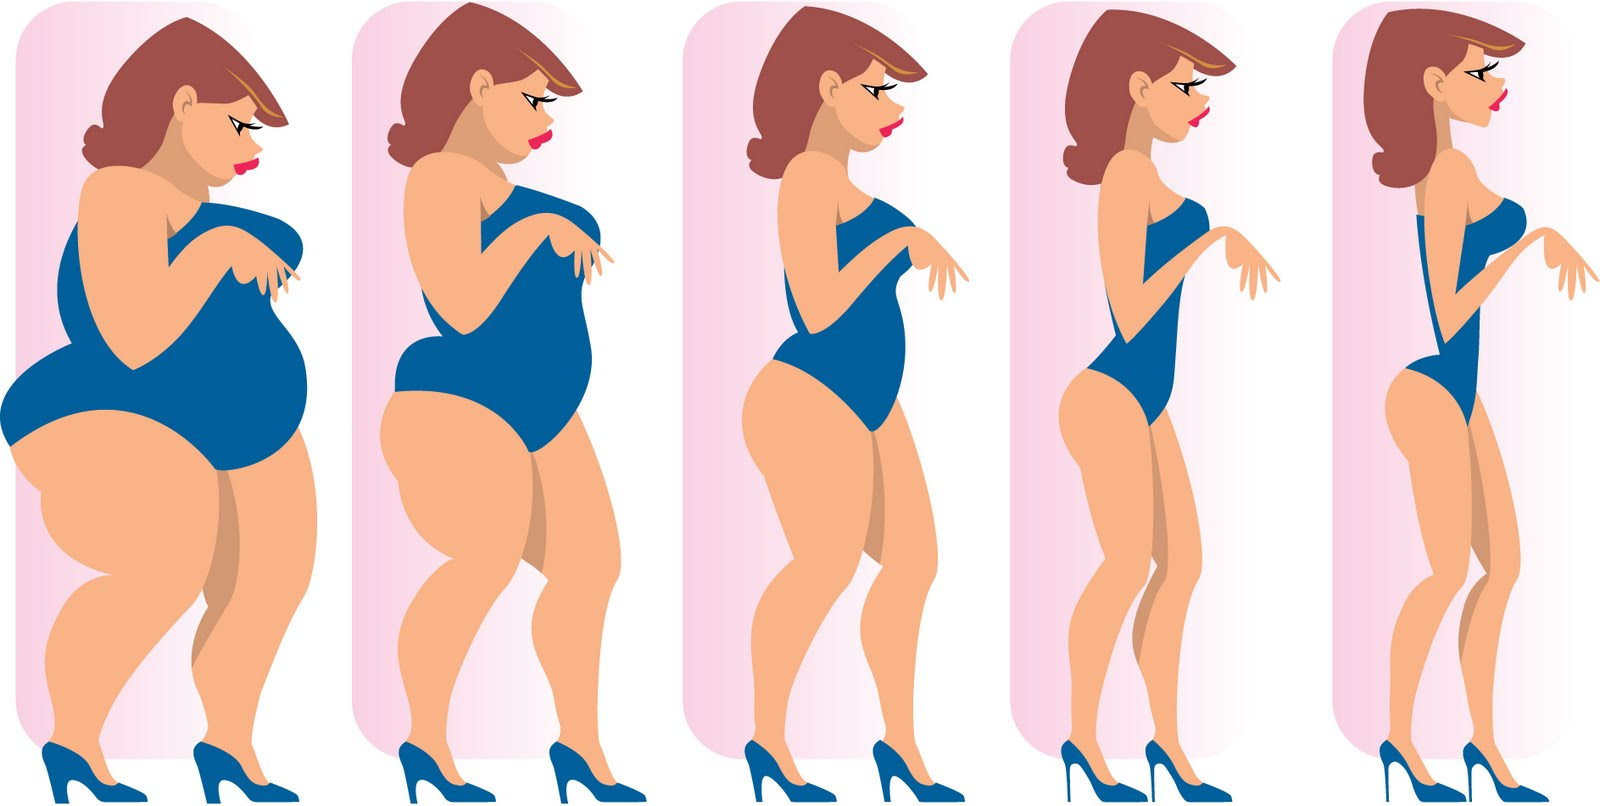 Tartós fogyás: orvosi tippek, a hasi zsír és a legegyszerűbb módszer - Dívány